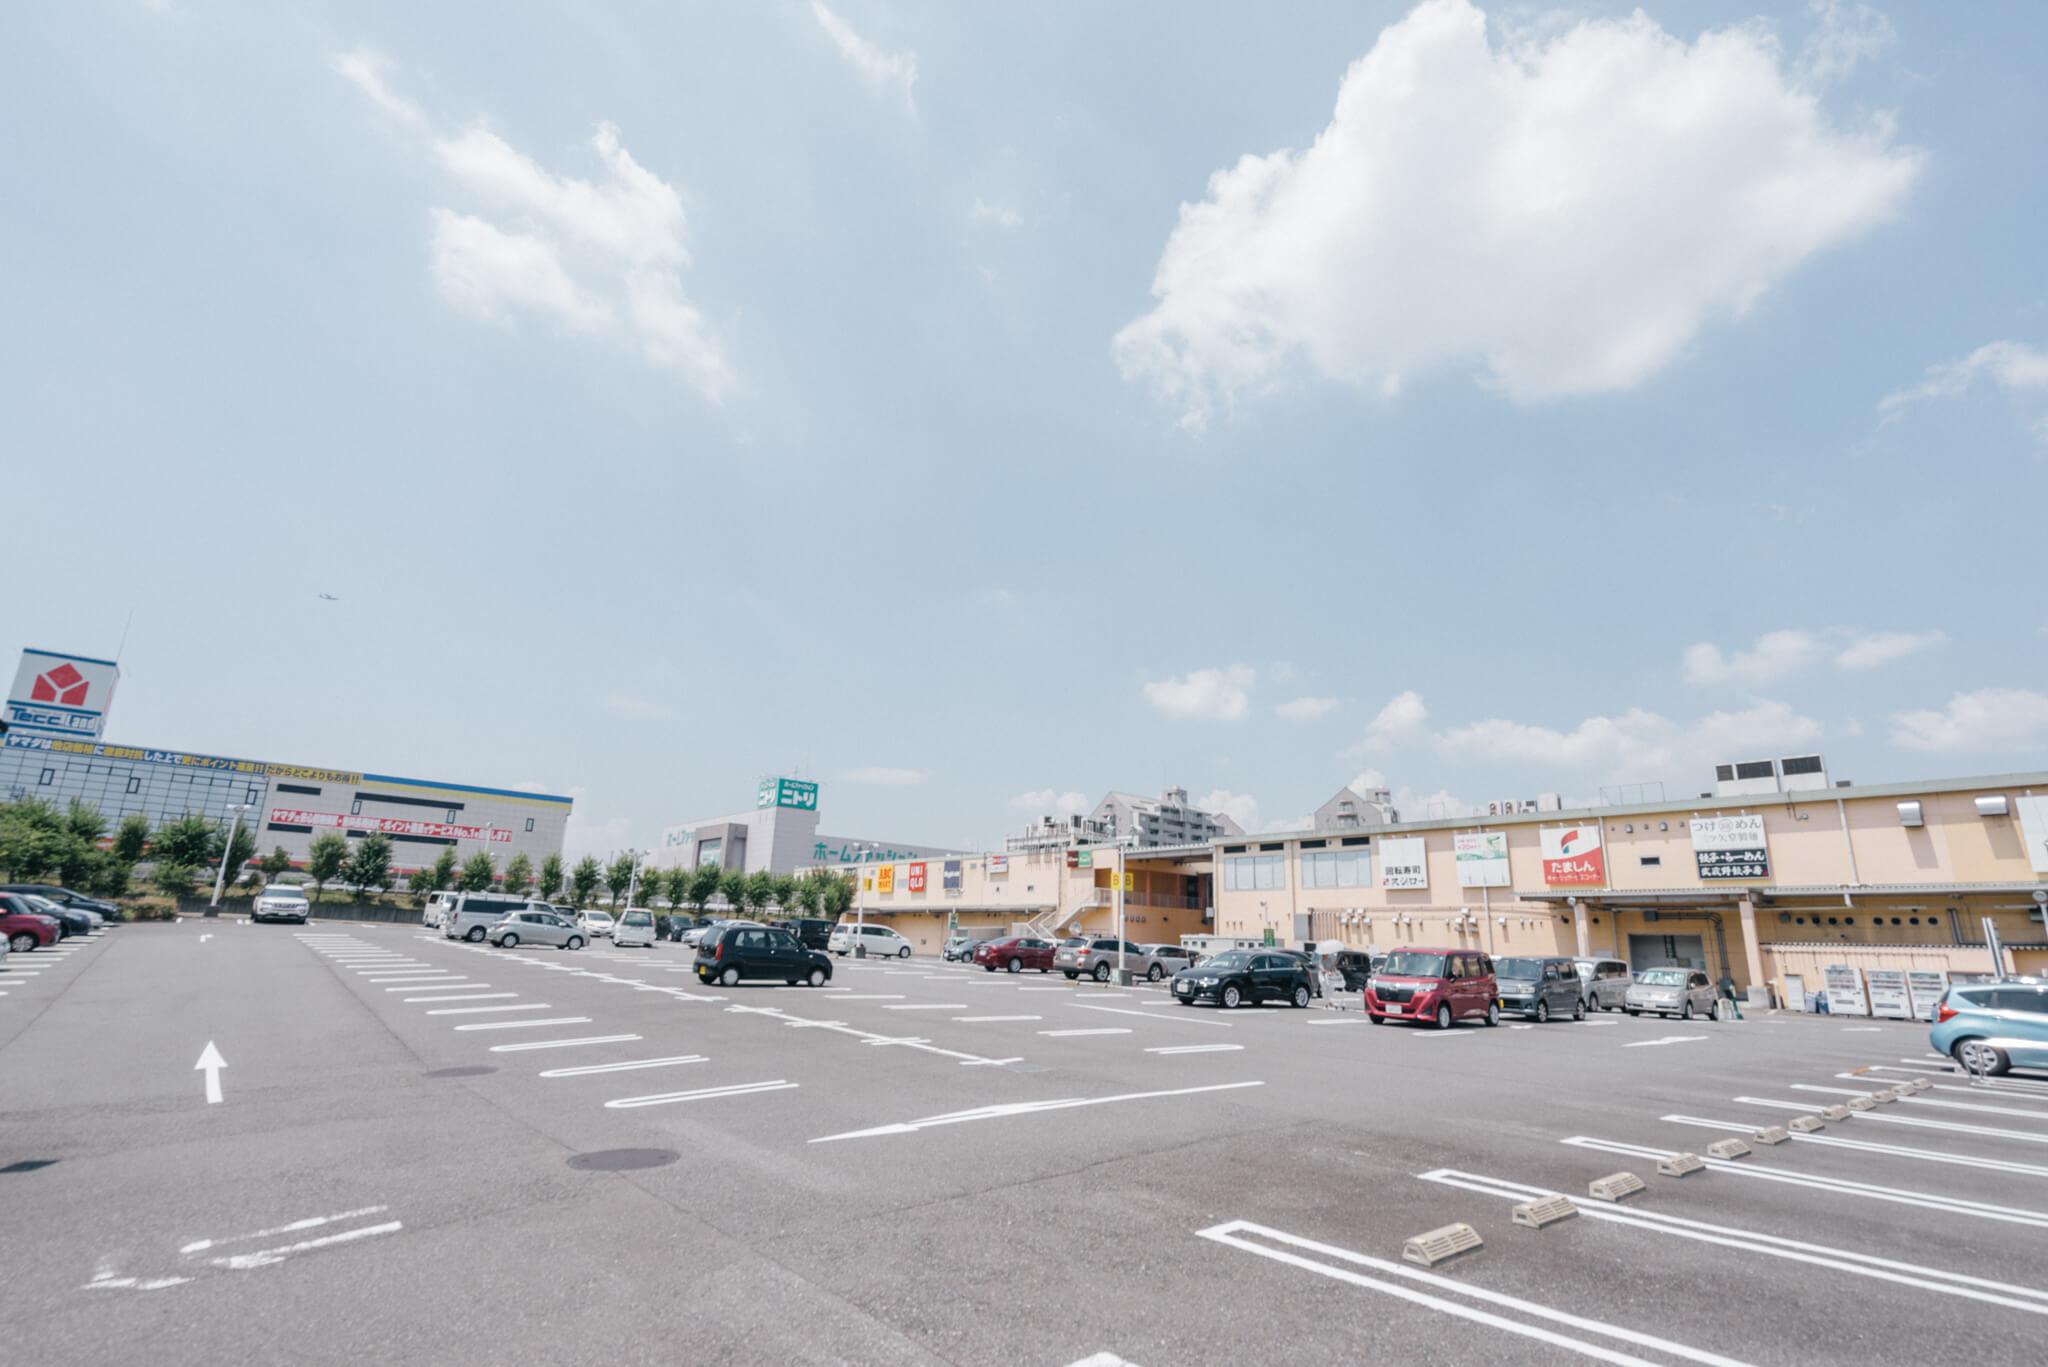 「ぐりーんうぉーく多摩」は、多摩地区の中でもかなり大型のショッピングモール。近所にこれだけ様々なものが揃っていれば便利ですね。